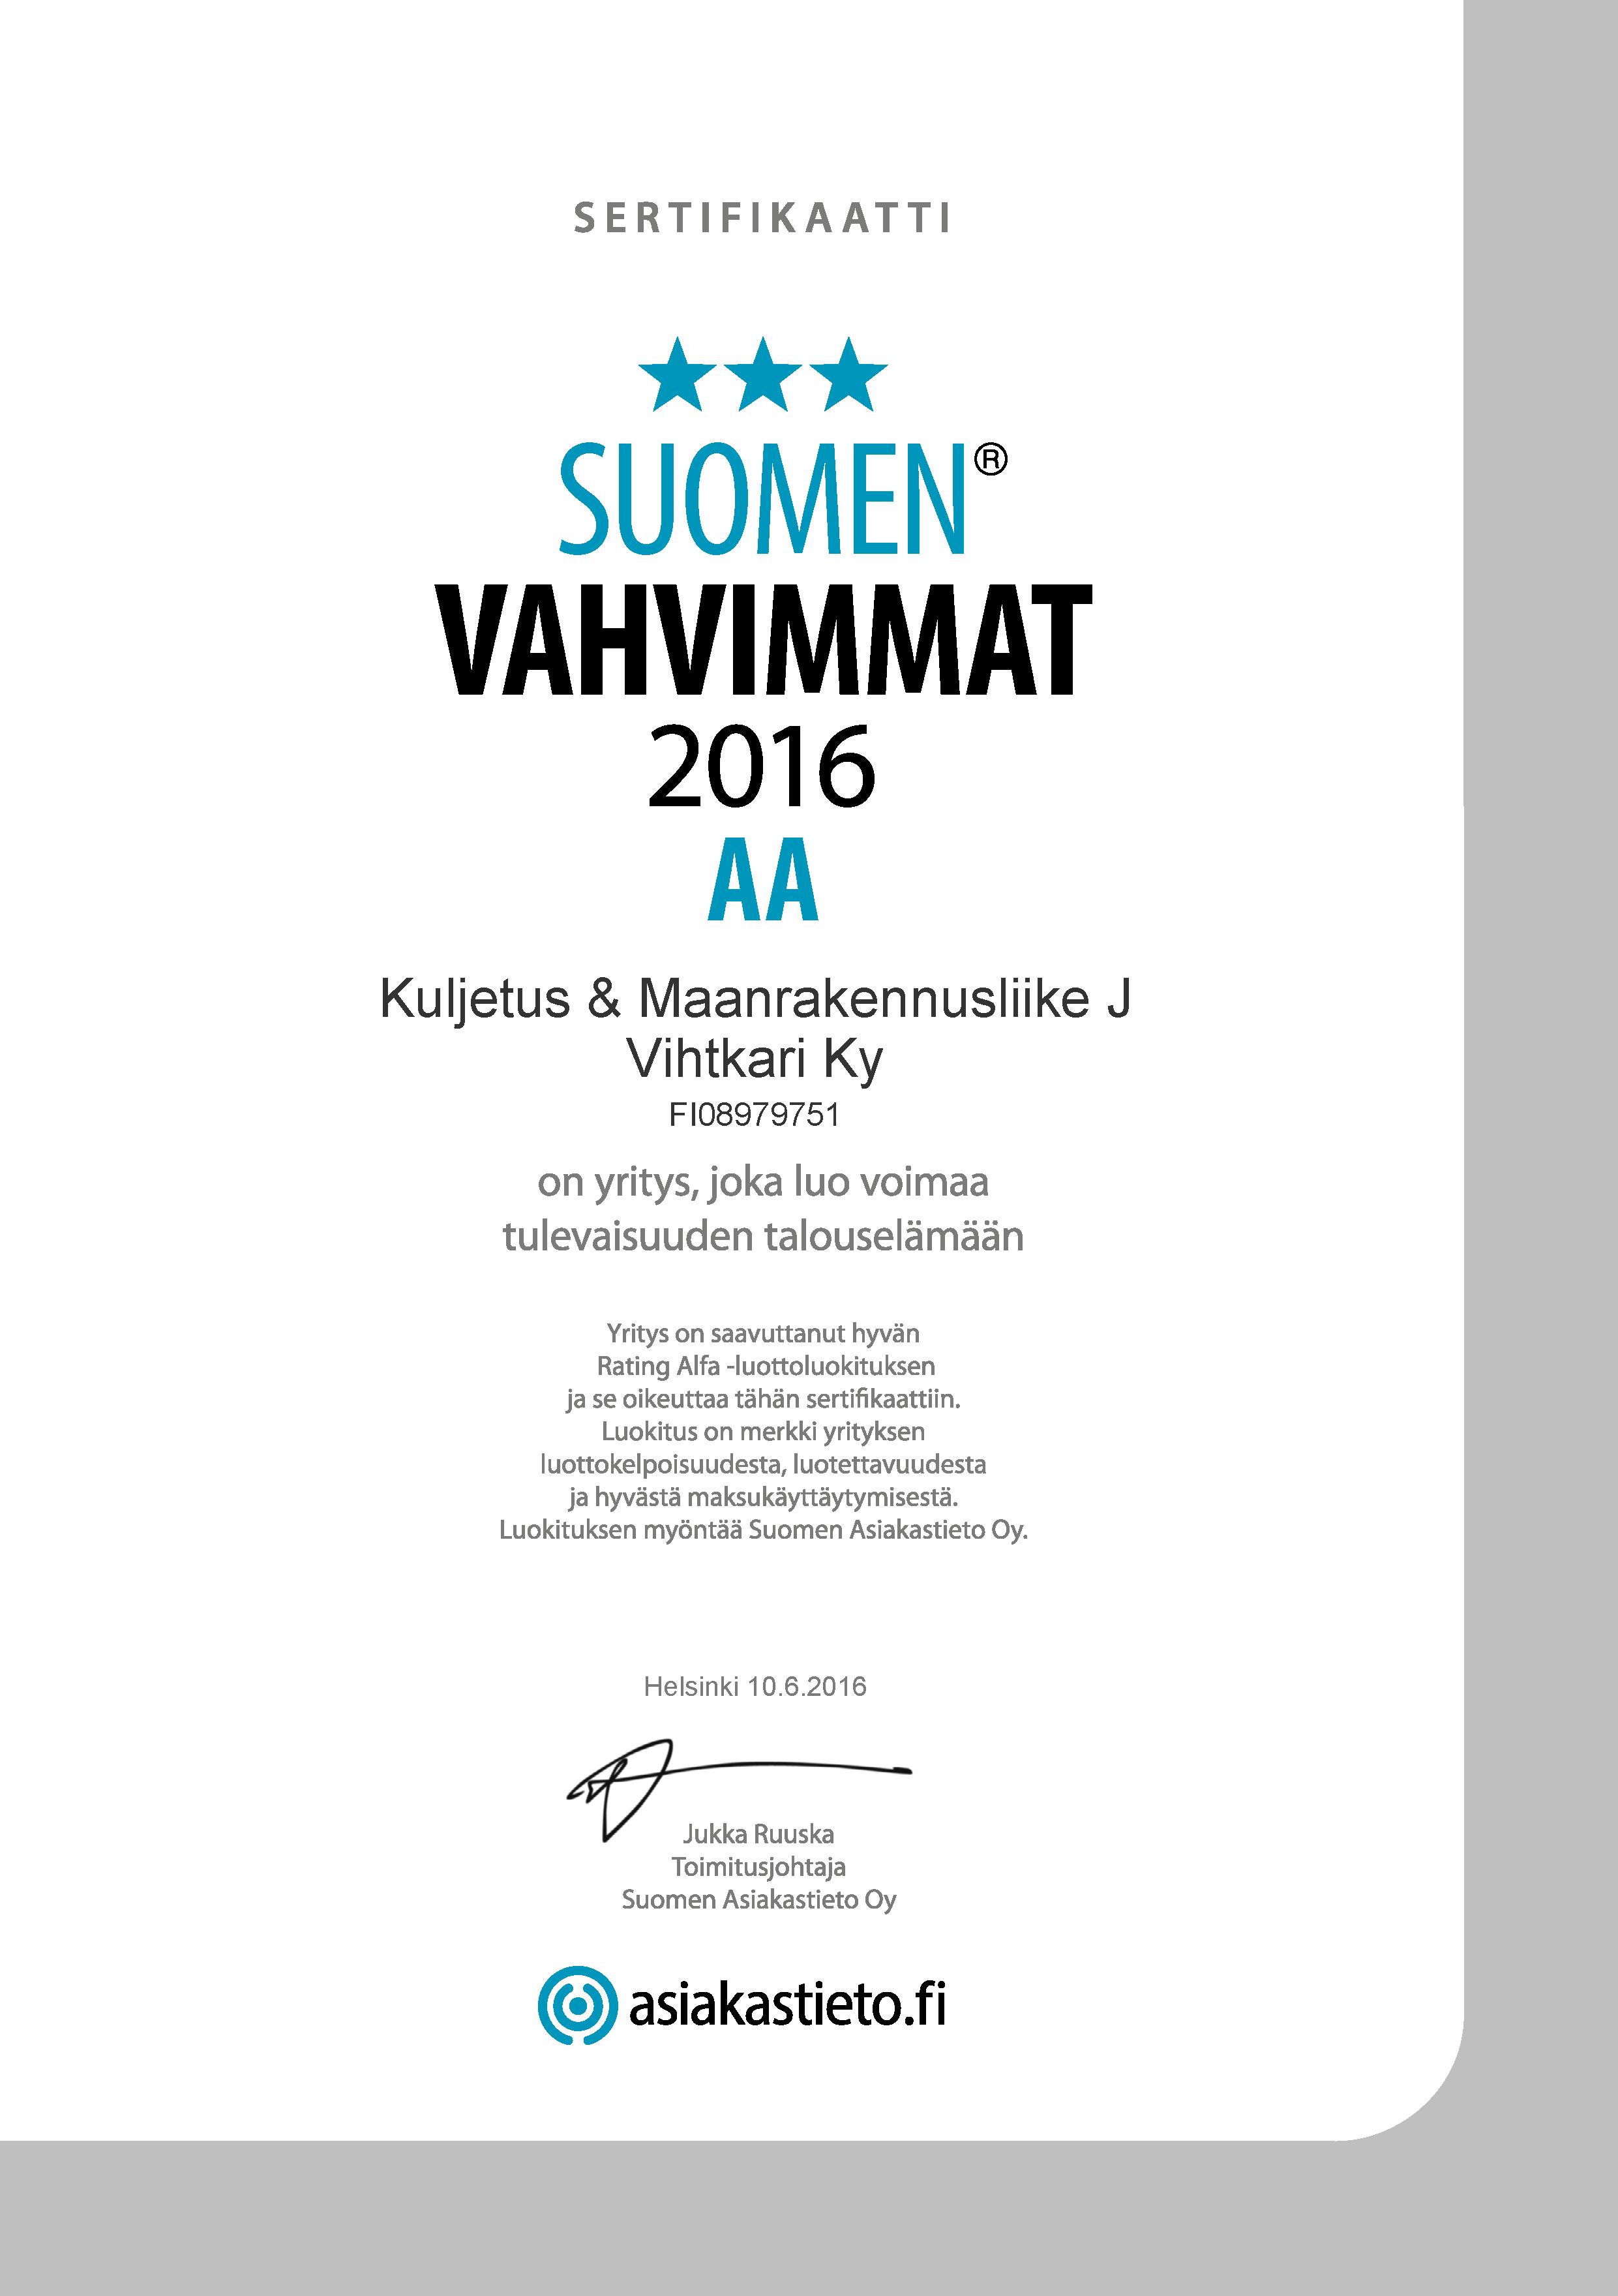 Sertifikaatti: Kuljetus & Maanrakennusliike J Vihtkari